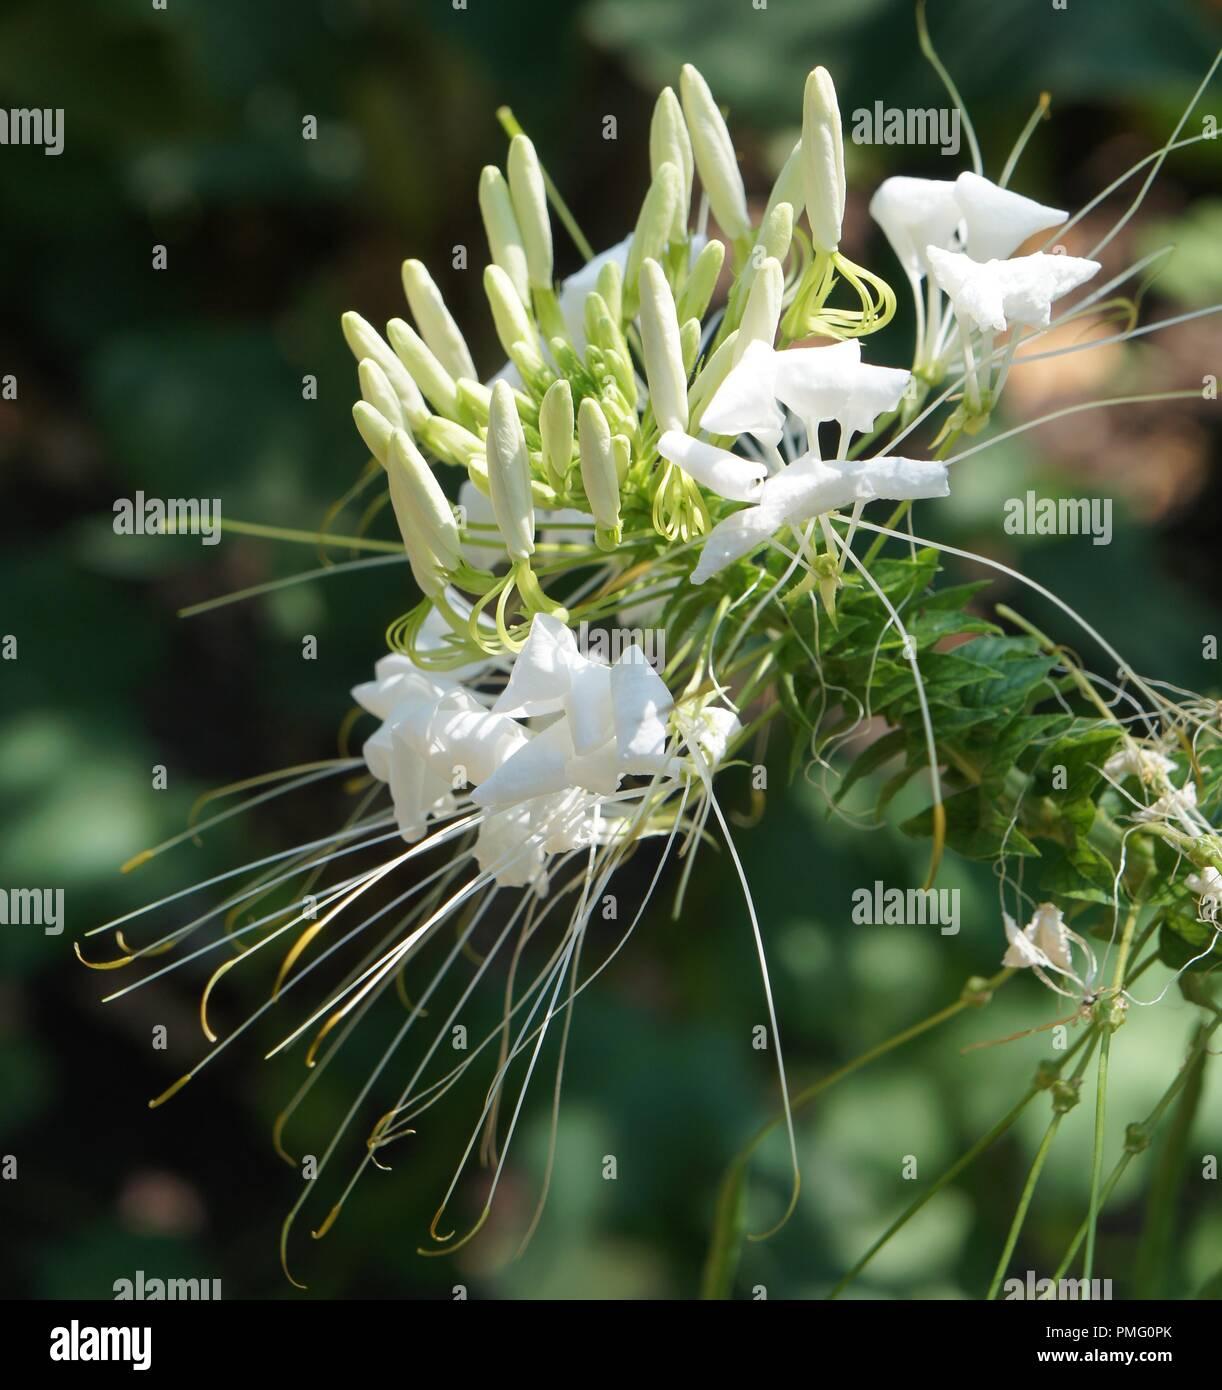 Fleur Blanche De Cleome Hassleriana Spider Flower Spider Plant